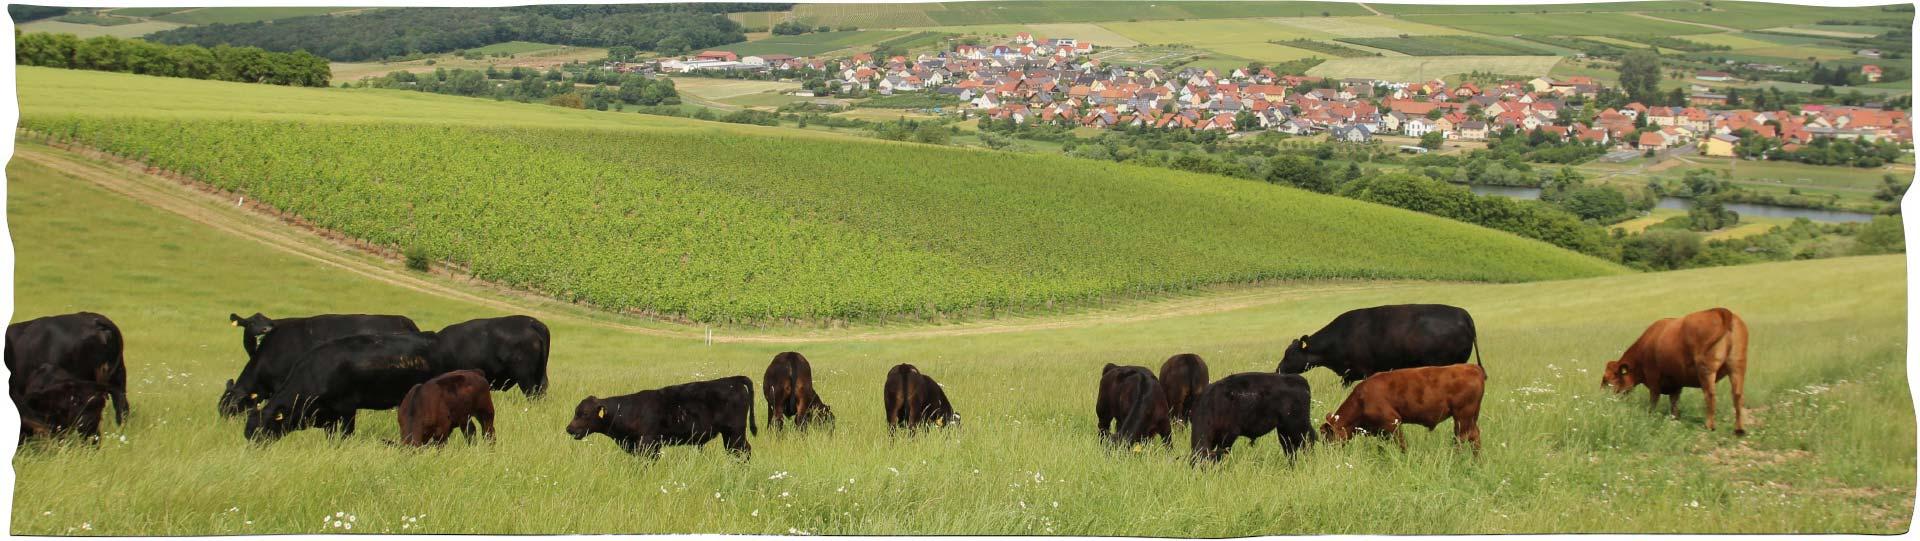 Angusrinder auf der Weide mit Eisenheim im Hintergrund